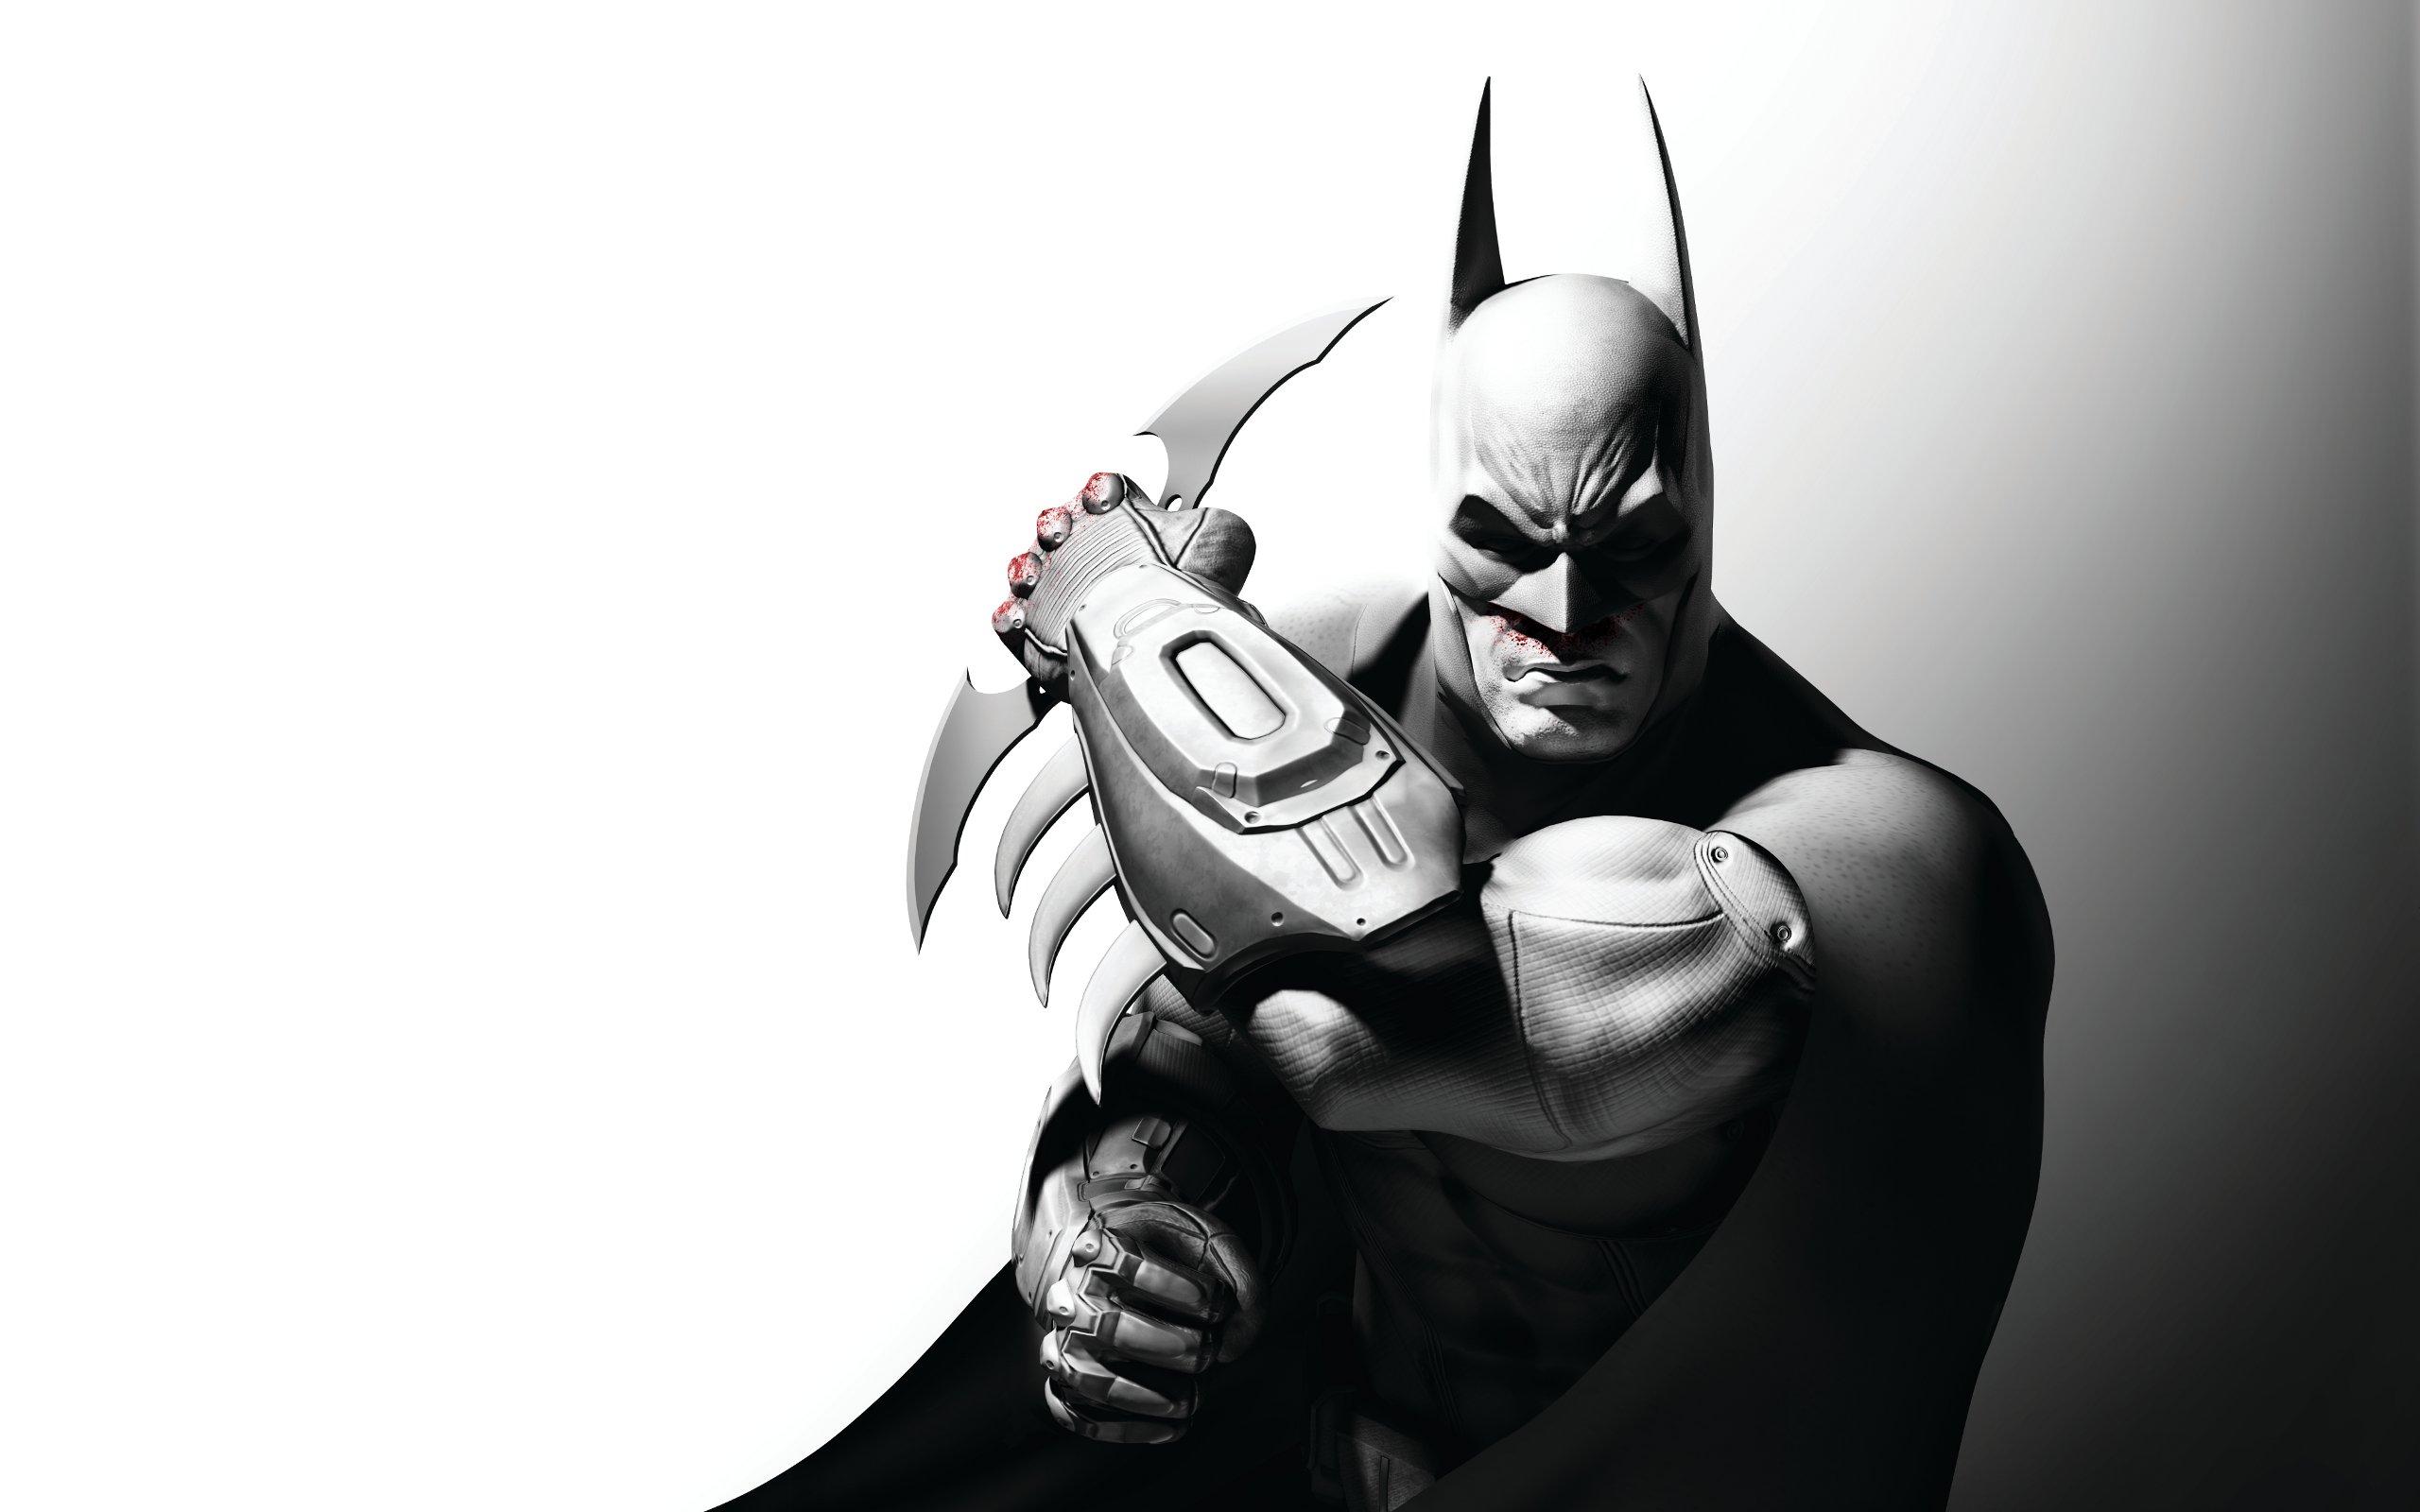 Wallpapers Hd Joker 22 Batman Wallpapers Hd The Nology